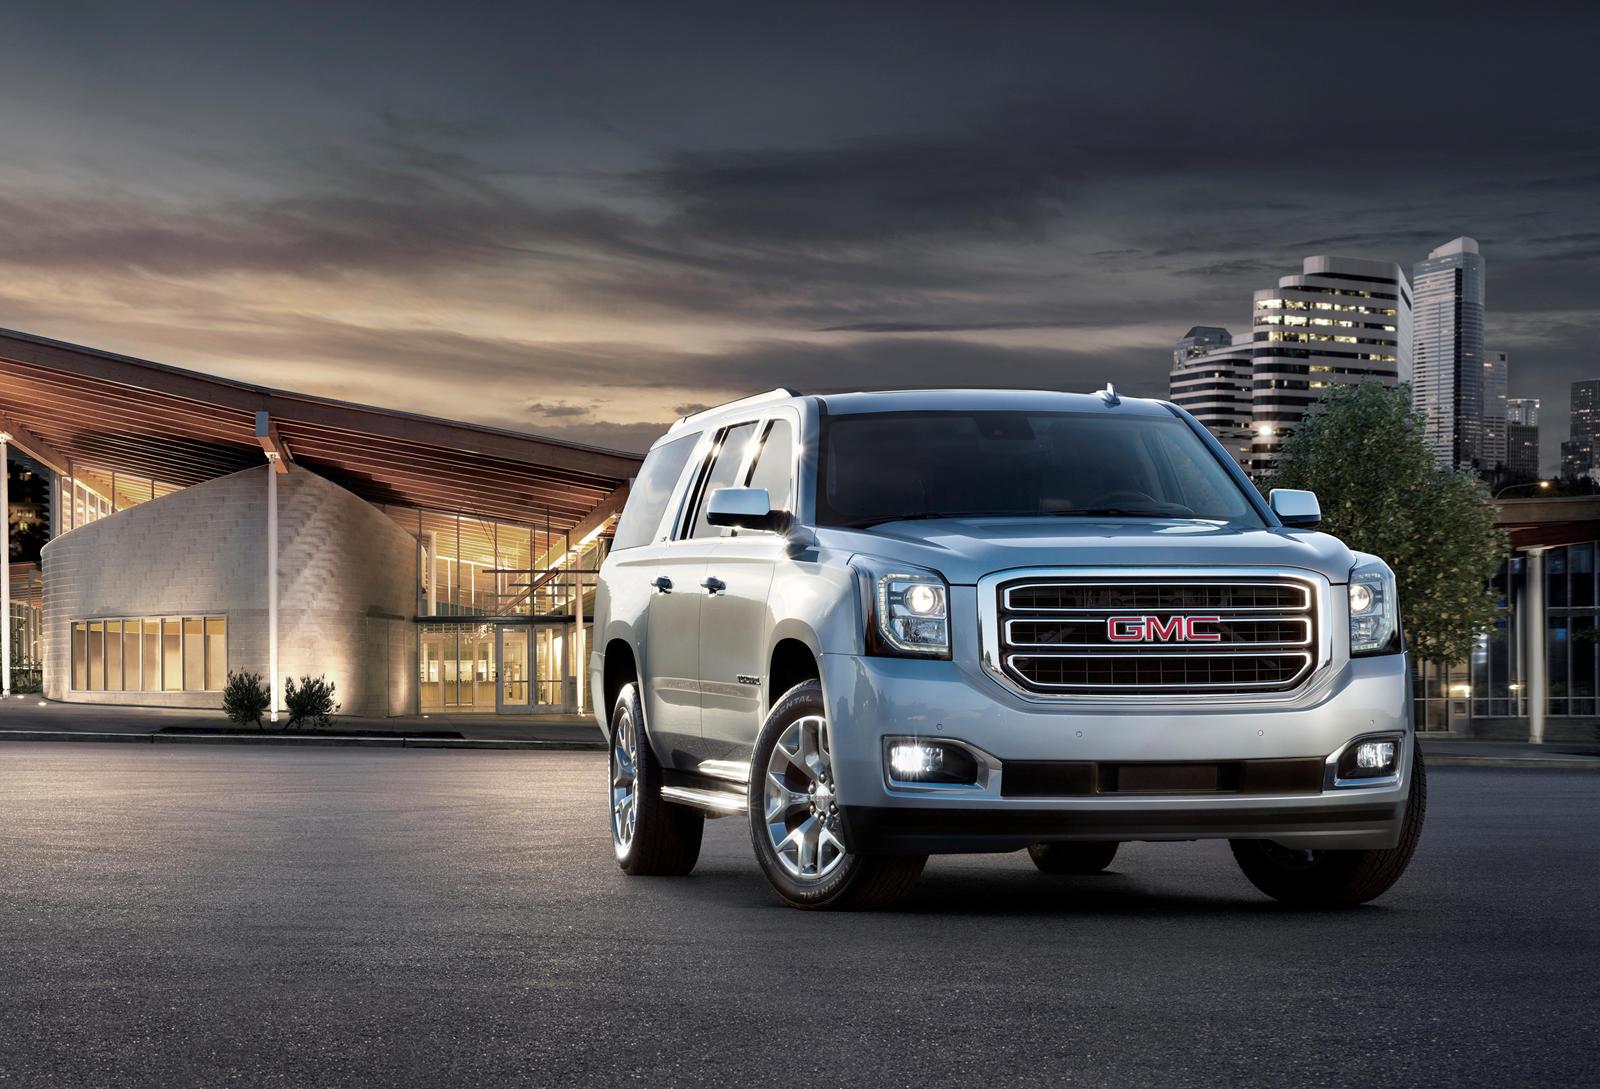 Chevrolet Silverado, Cadillac Escalade And GMC Yukon Owners Should Check Their Brakes